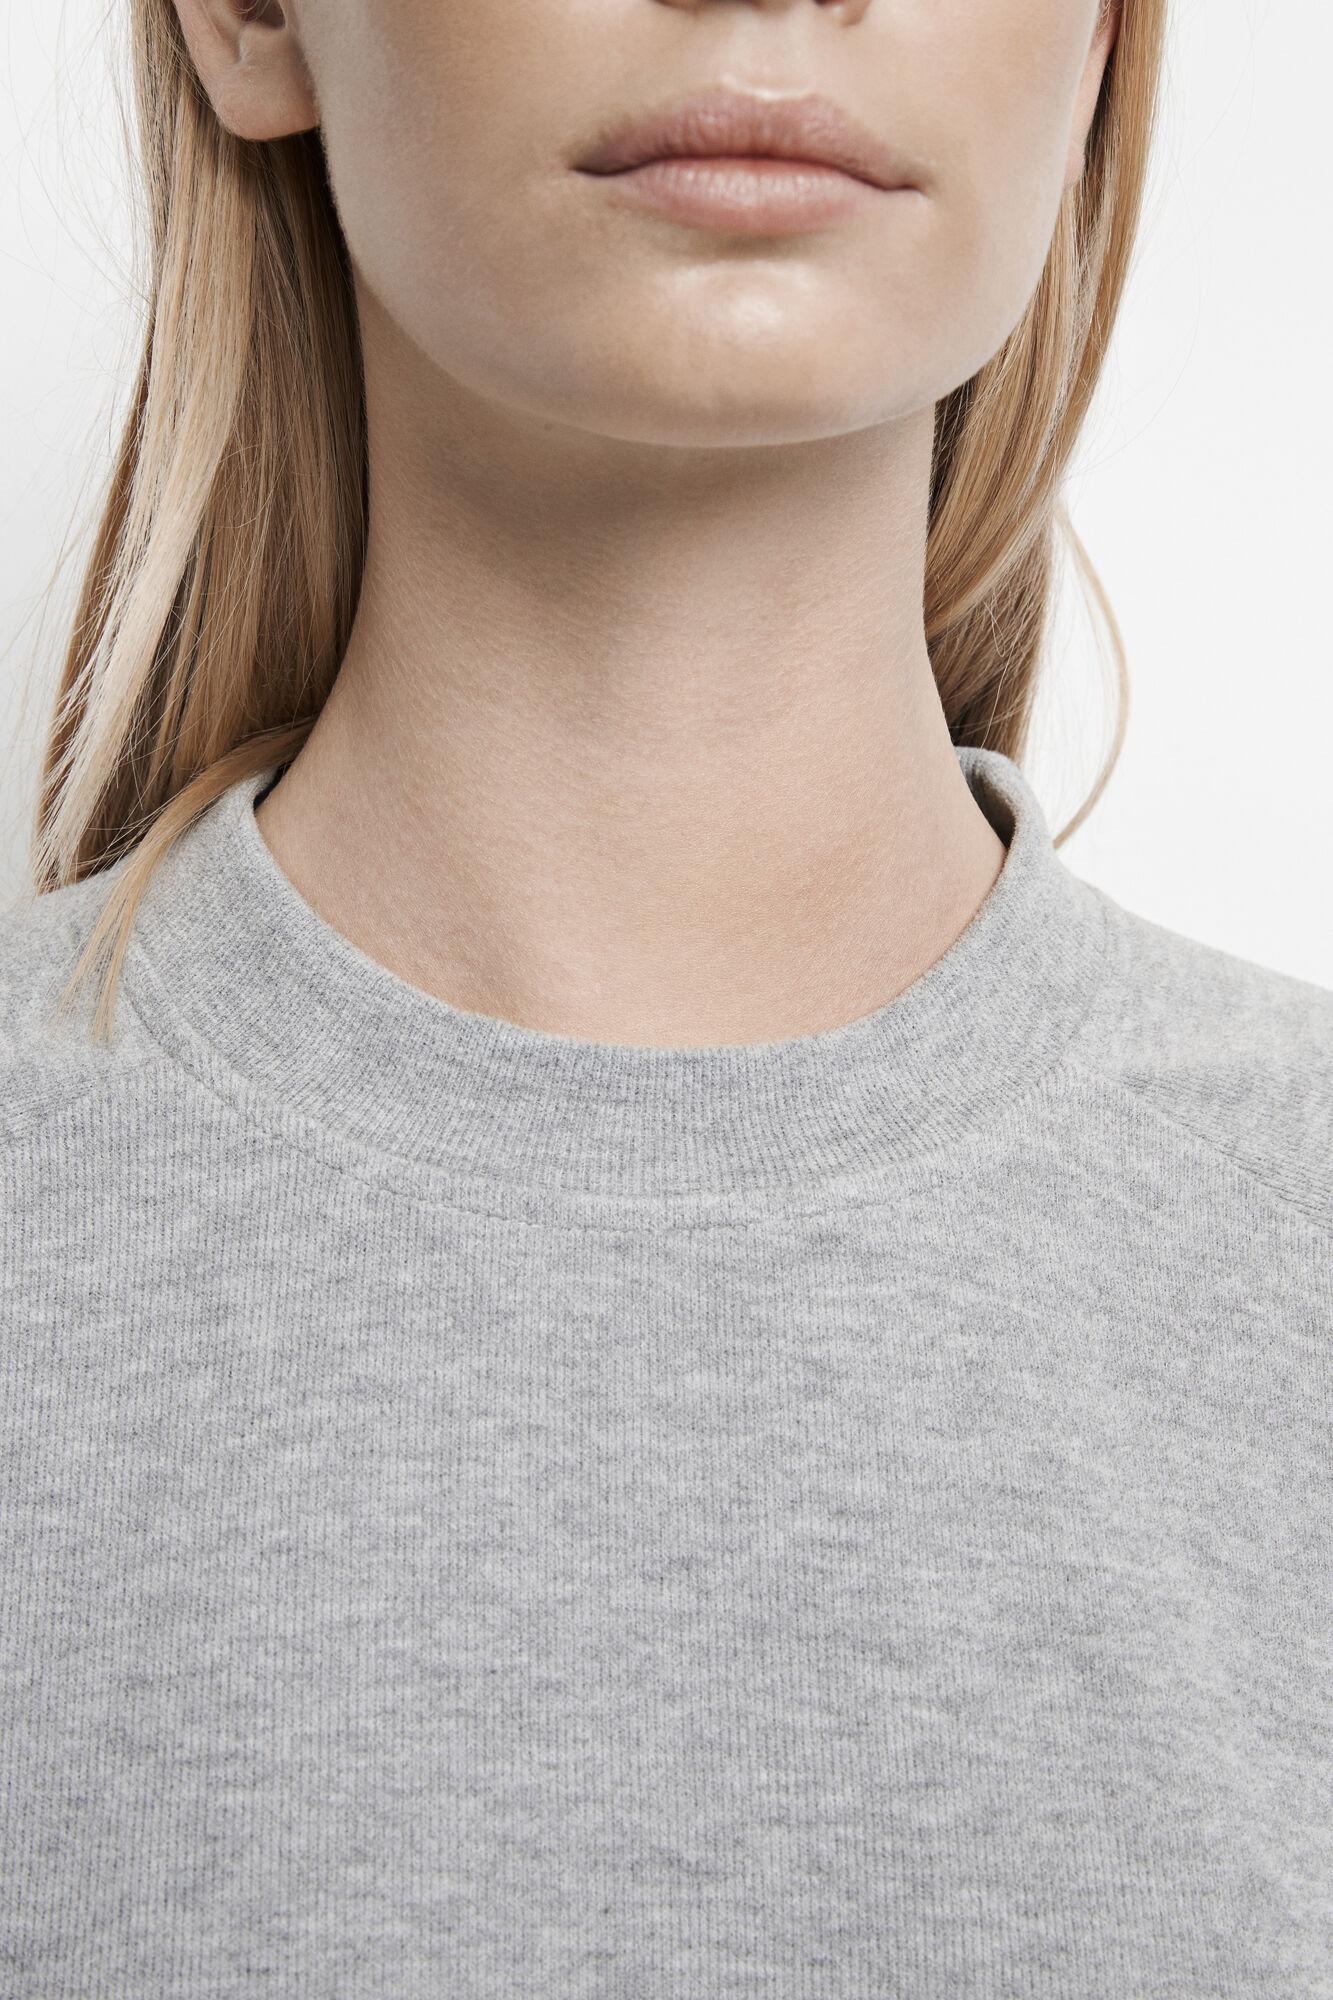 Apo o-neck 3164